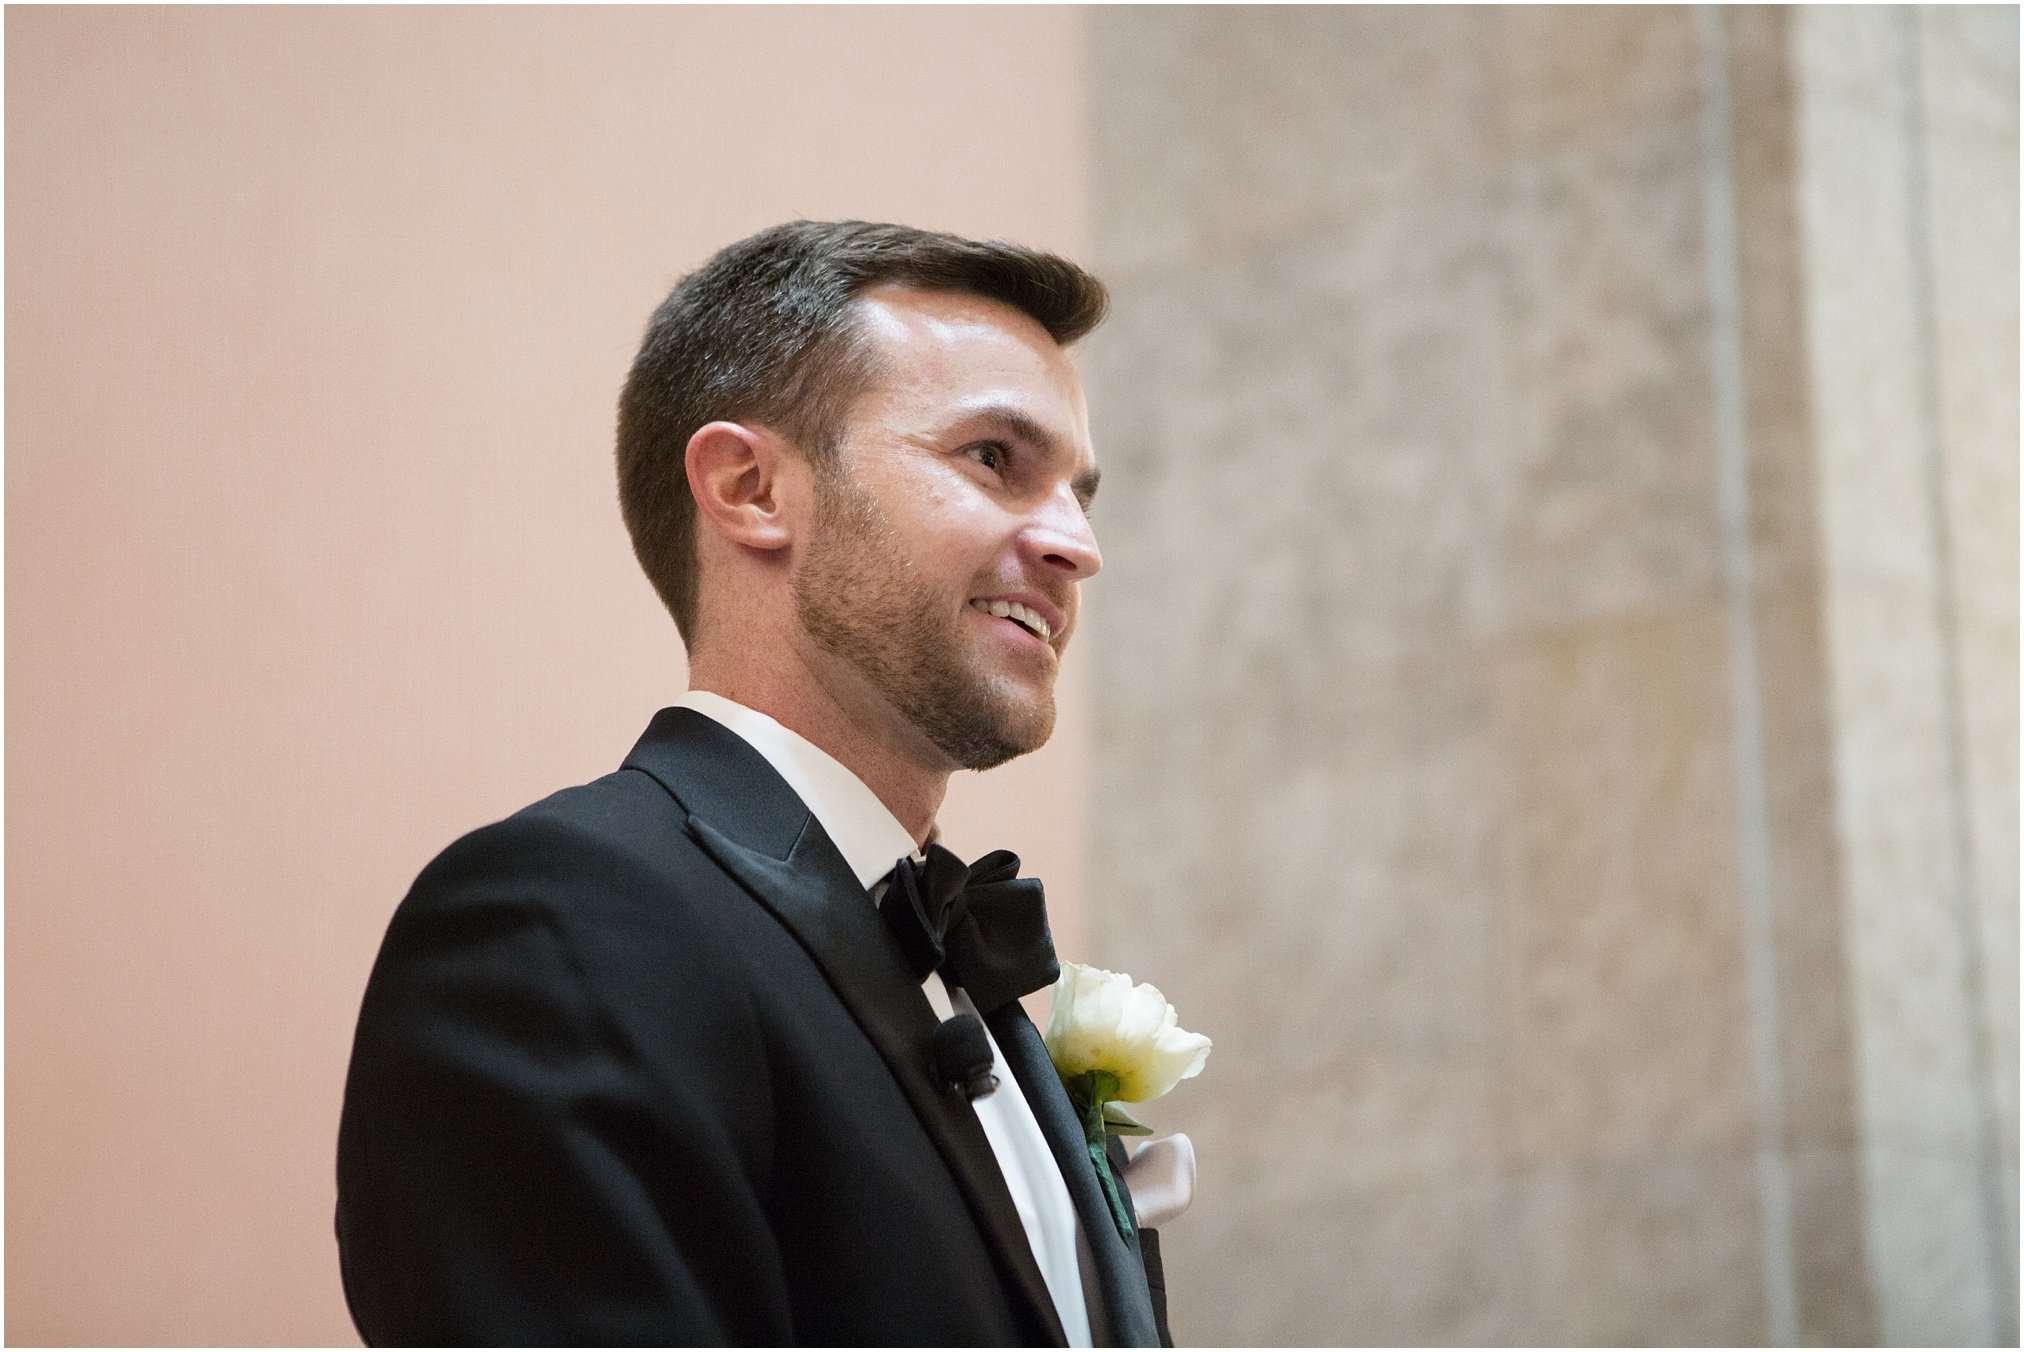 Spring Wedding at the Ohio Statehouse | Columbus Ohio Photography 126